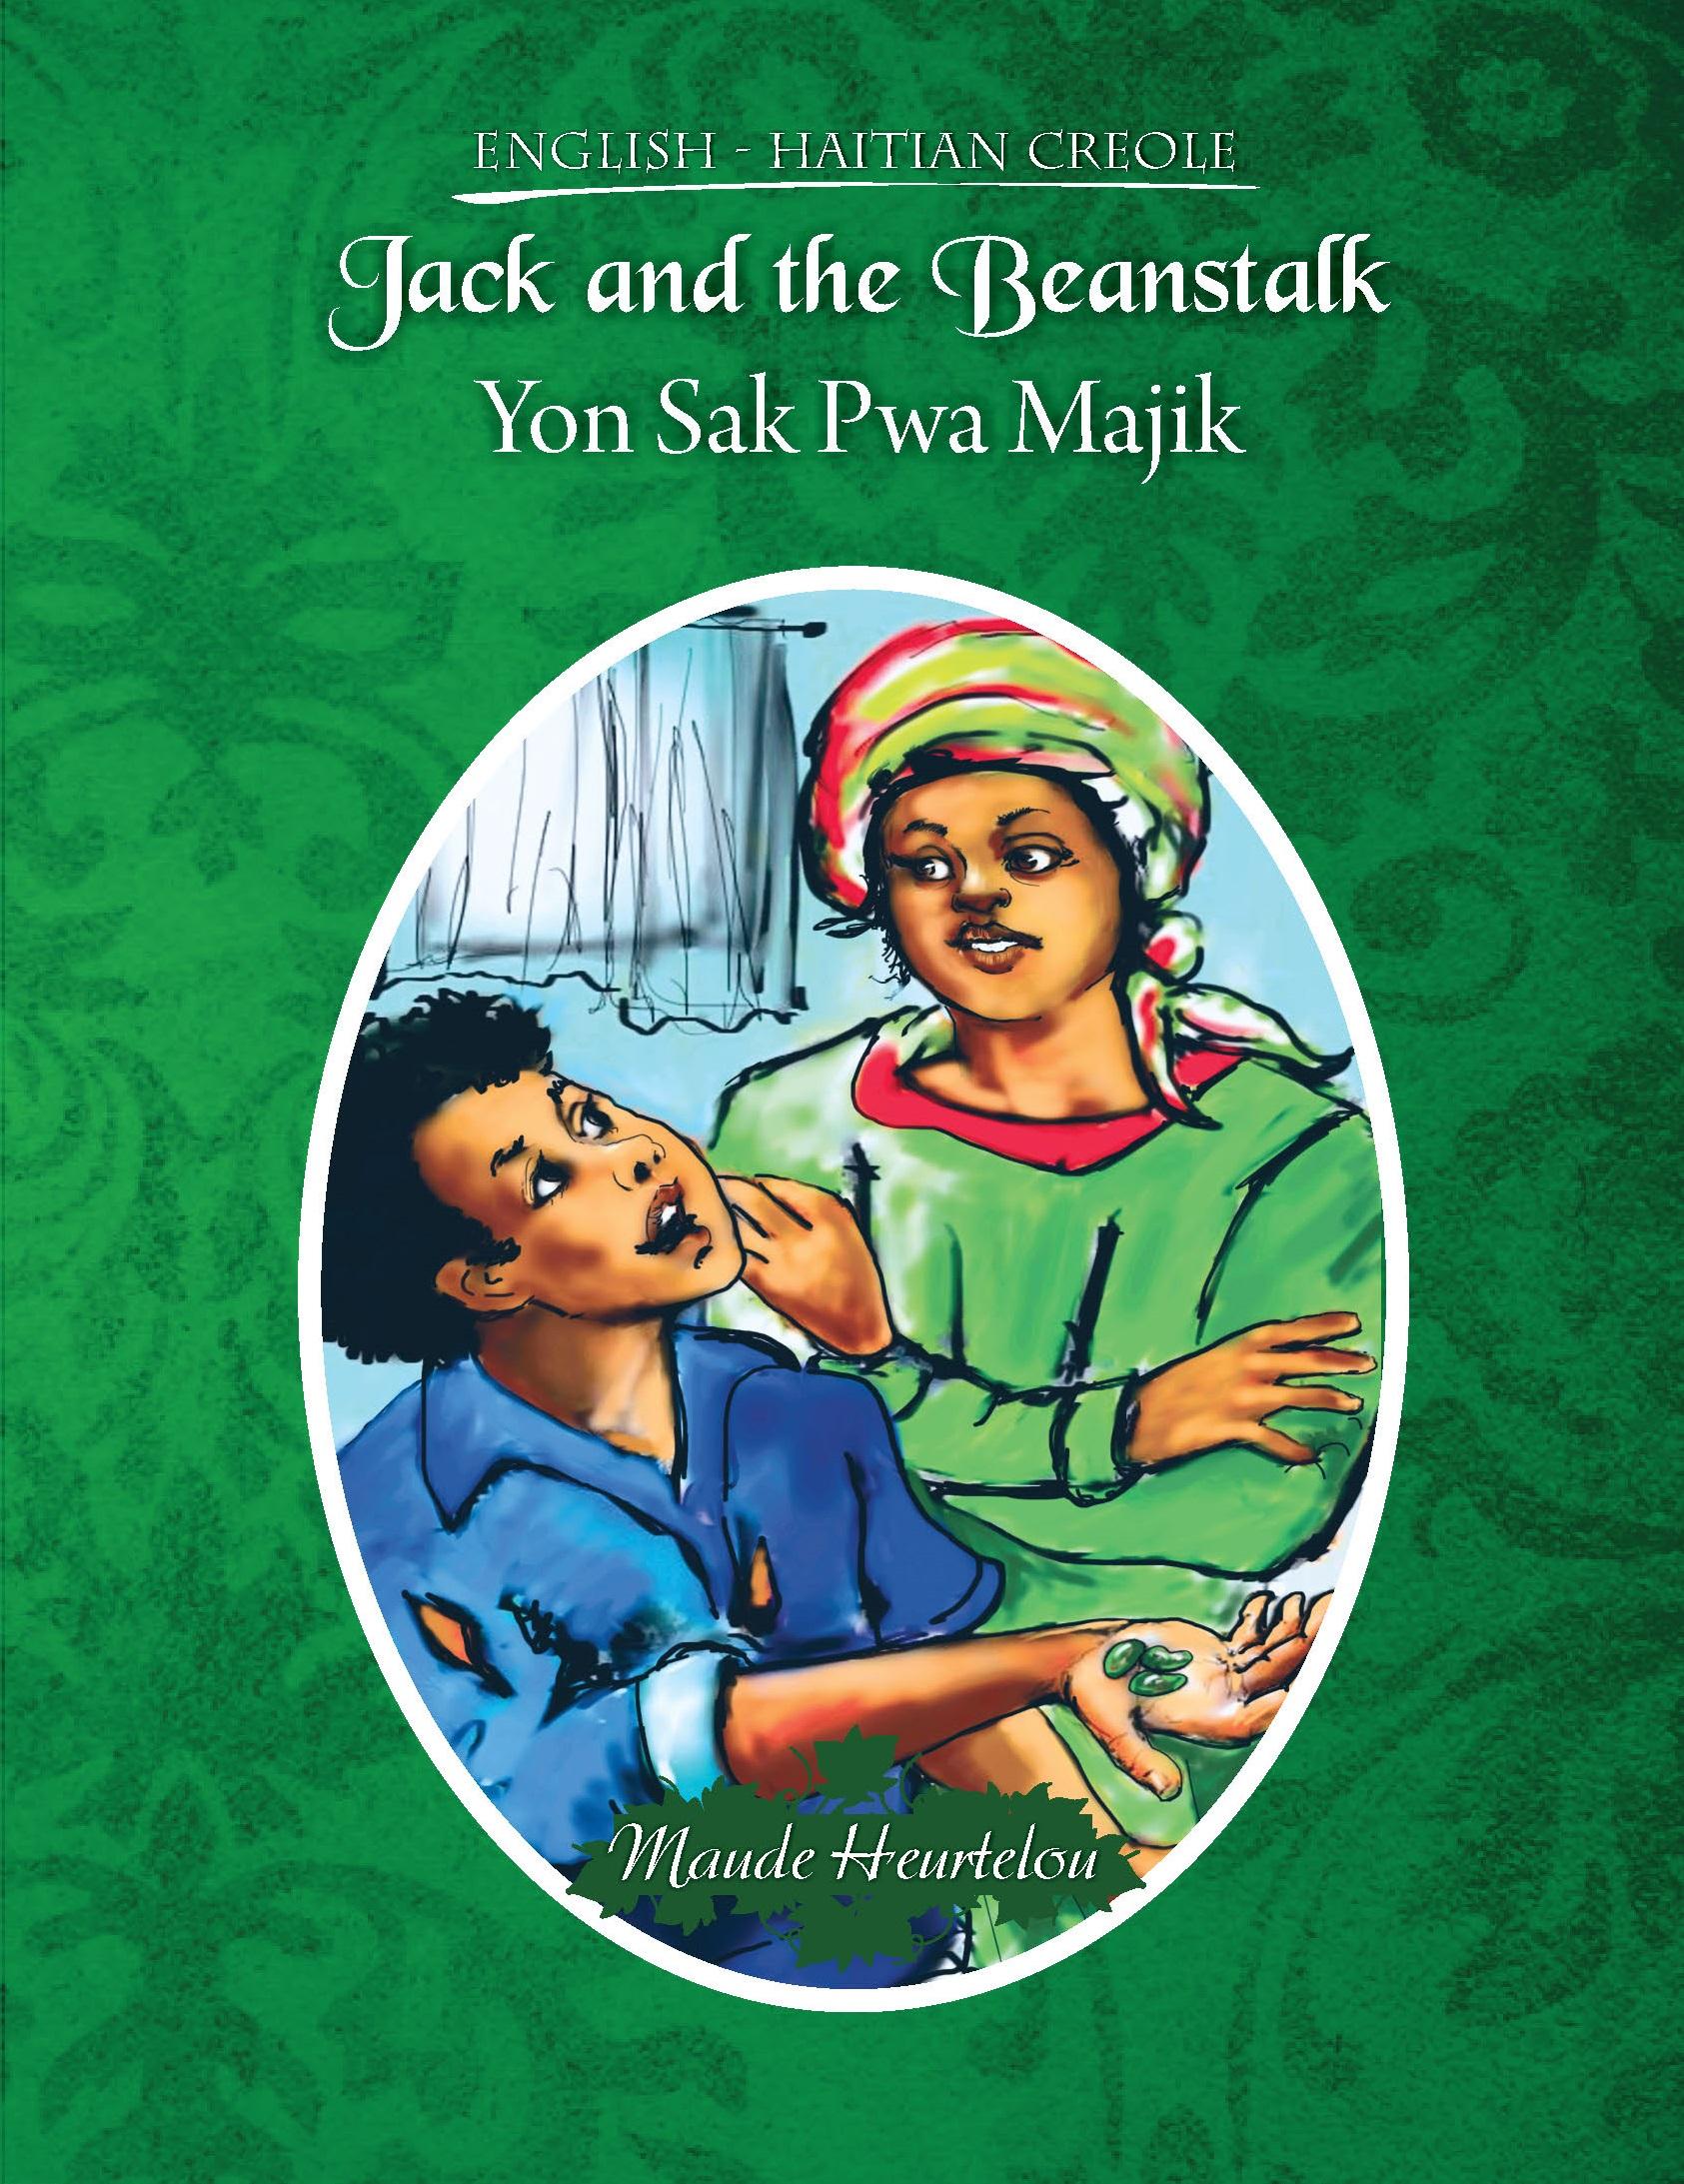 Jack and the Beanstalk / Yon Sak Pwa Majik